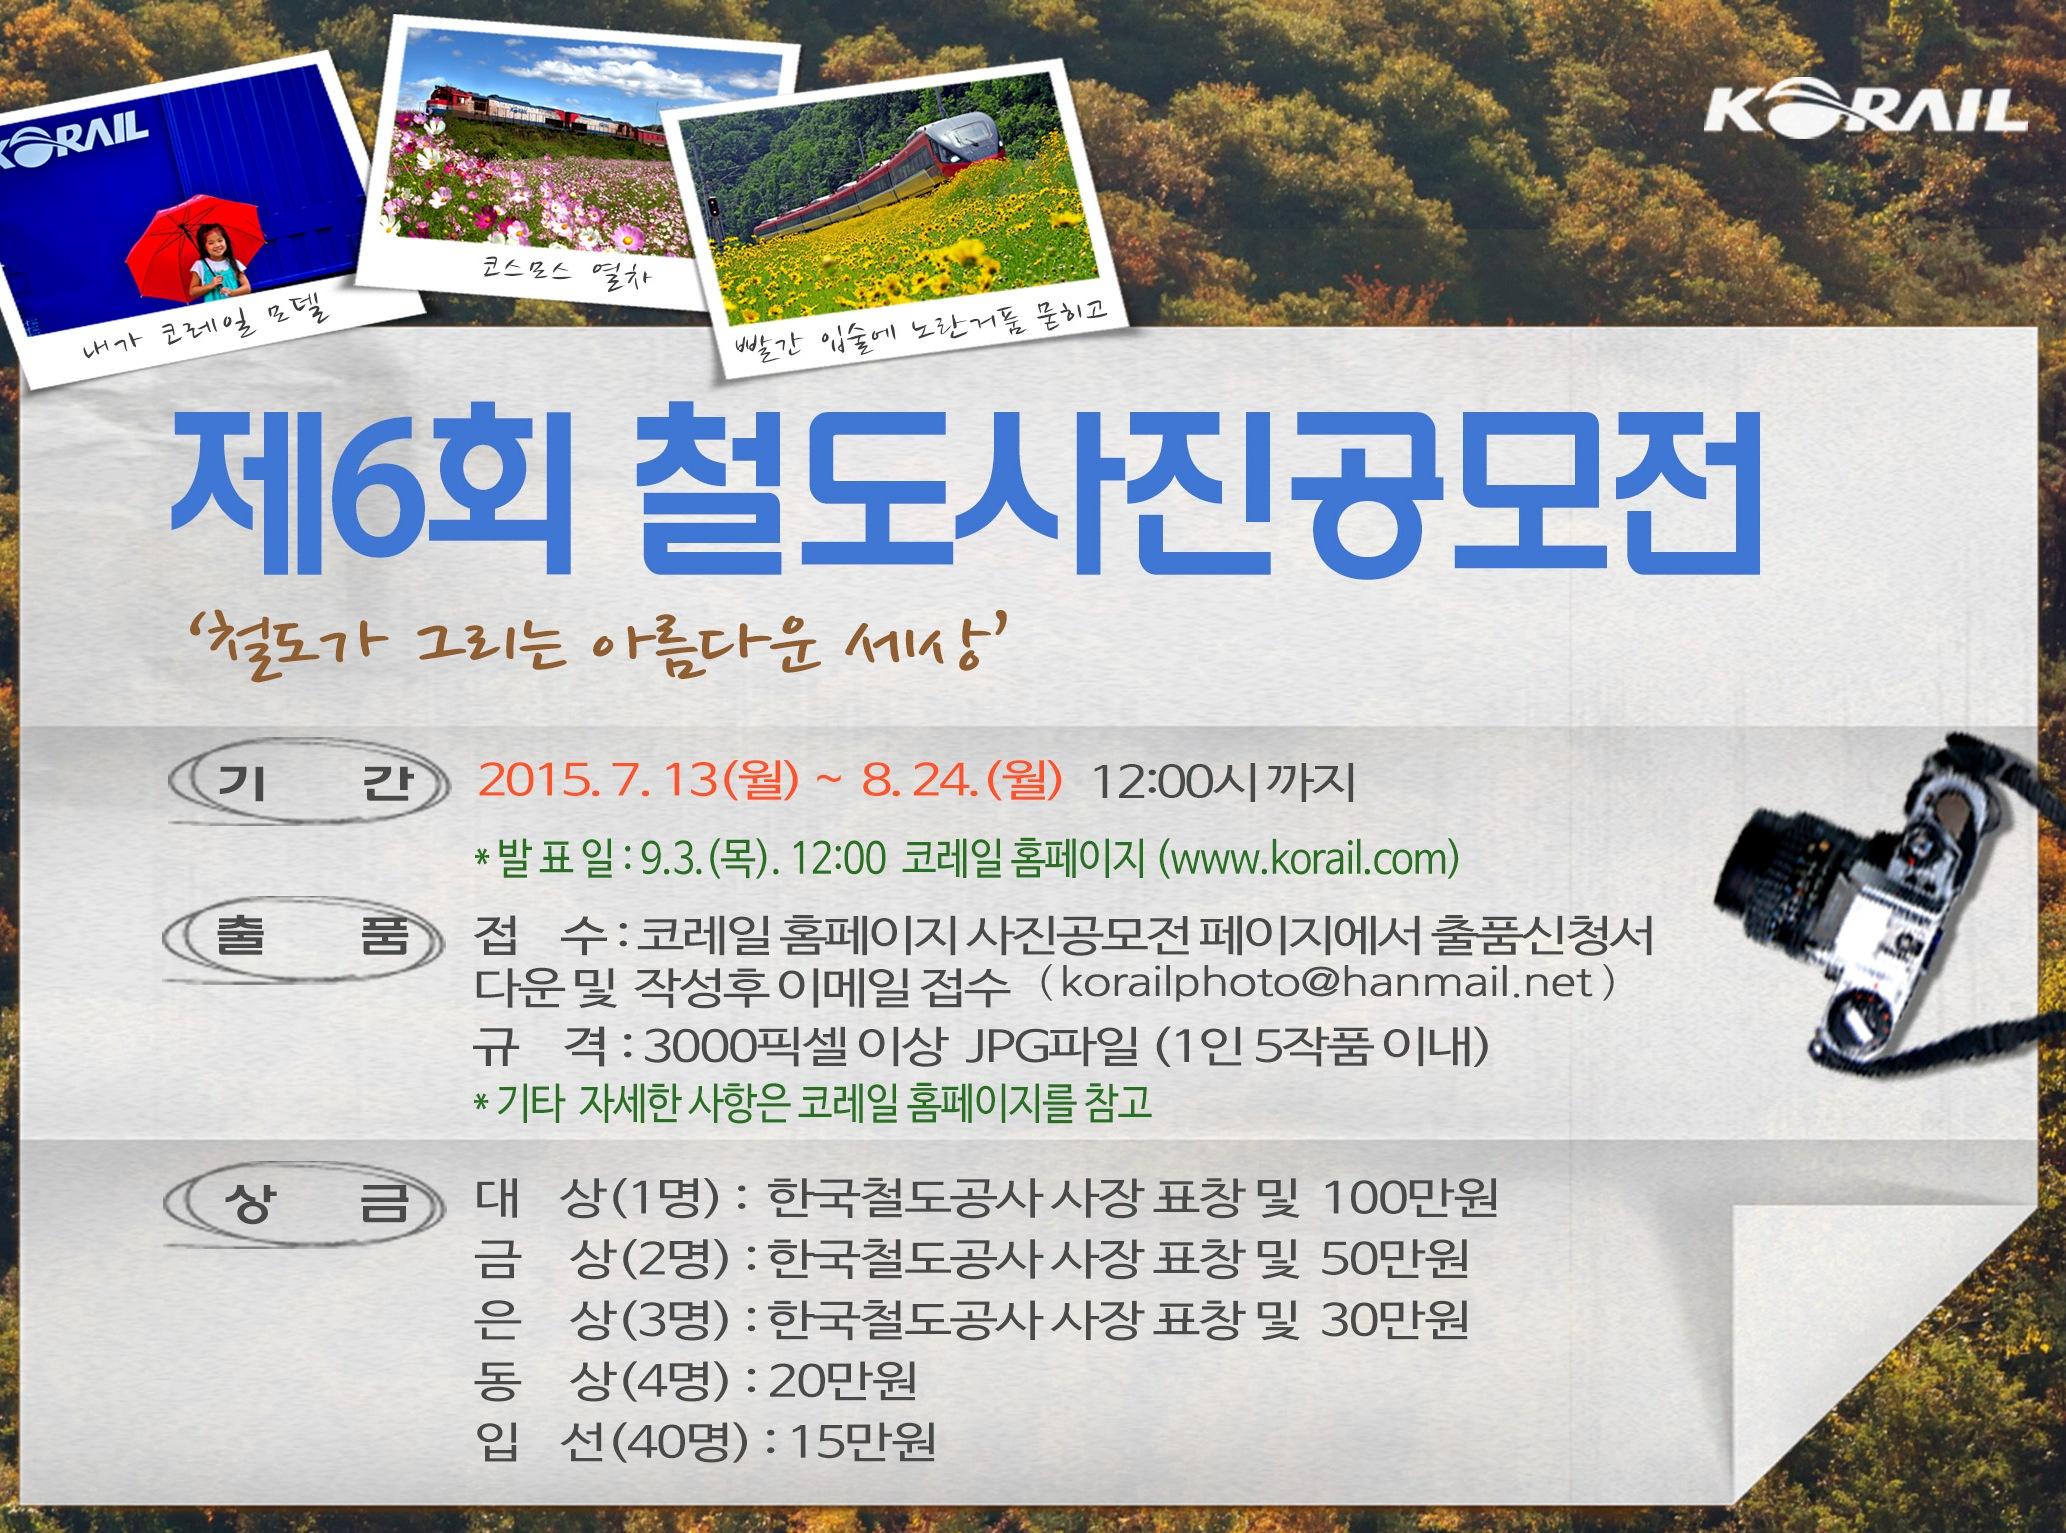 코레일, 제6회 철도사진공모전 개최 02